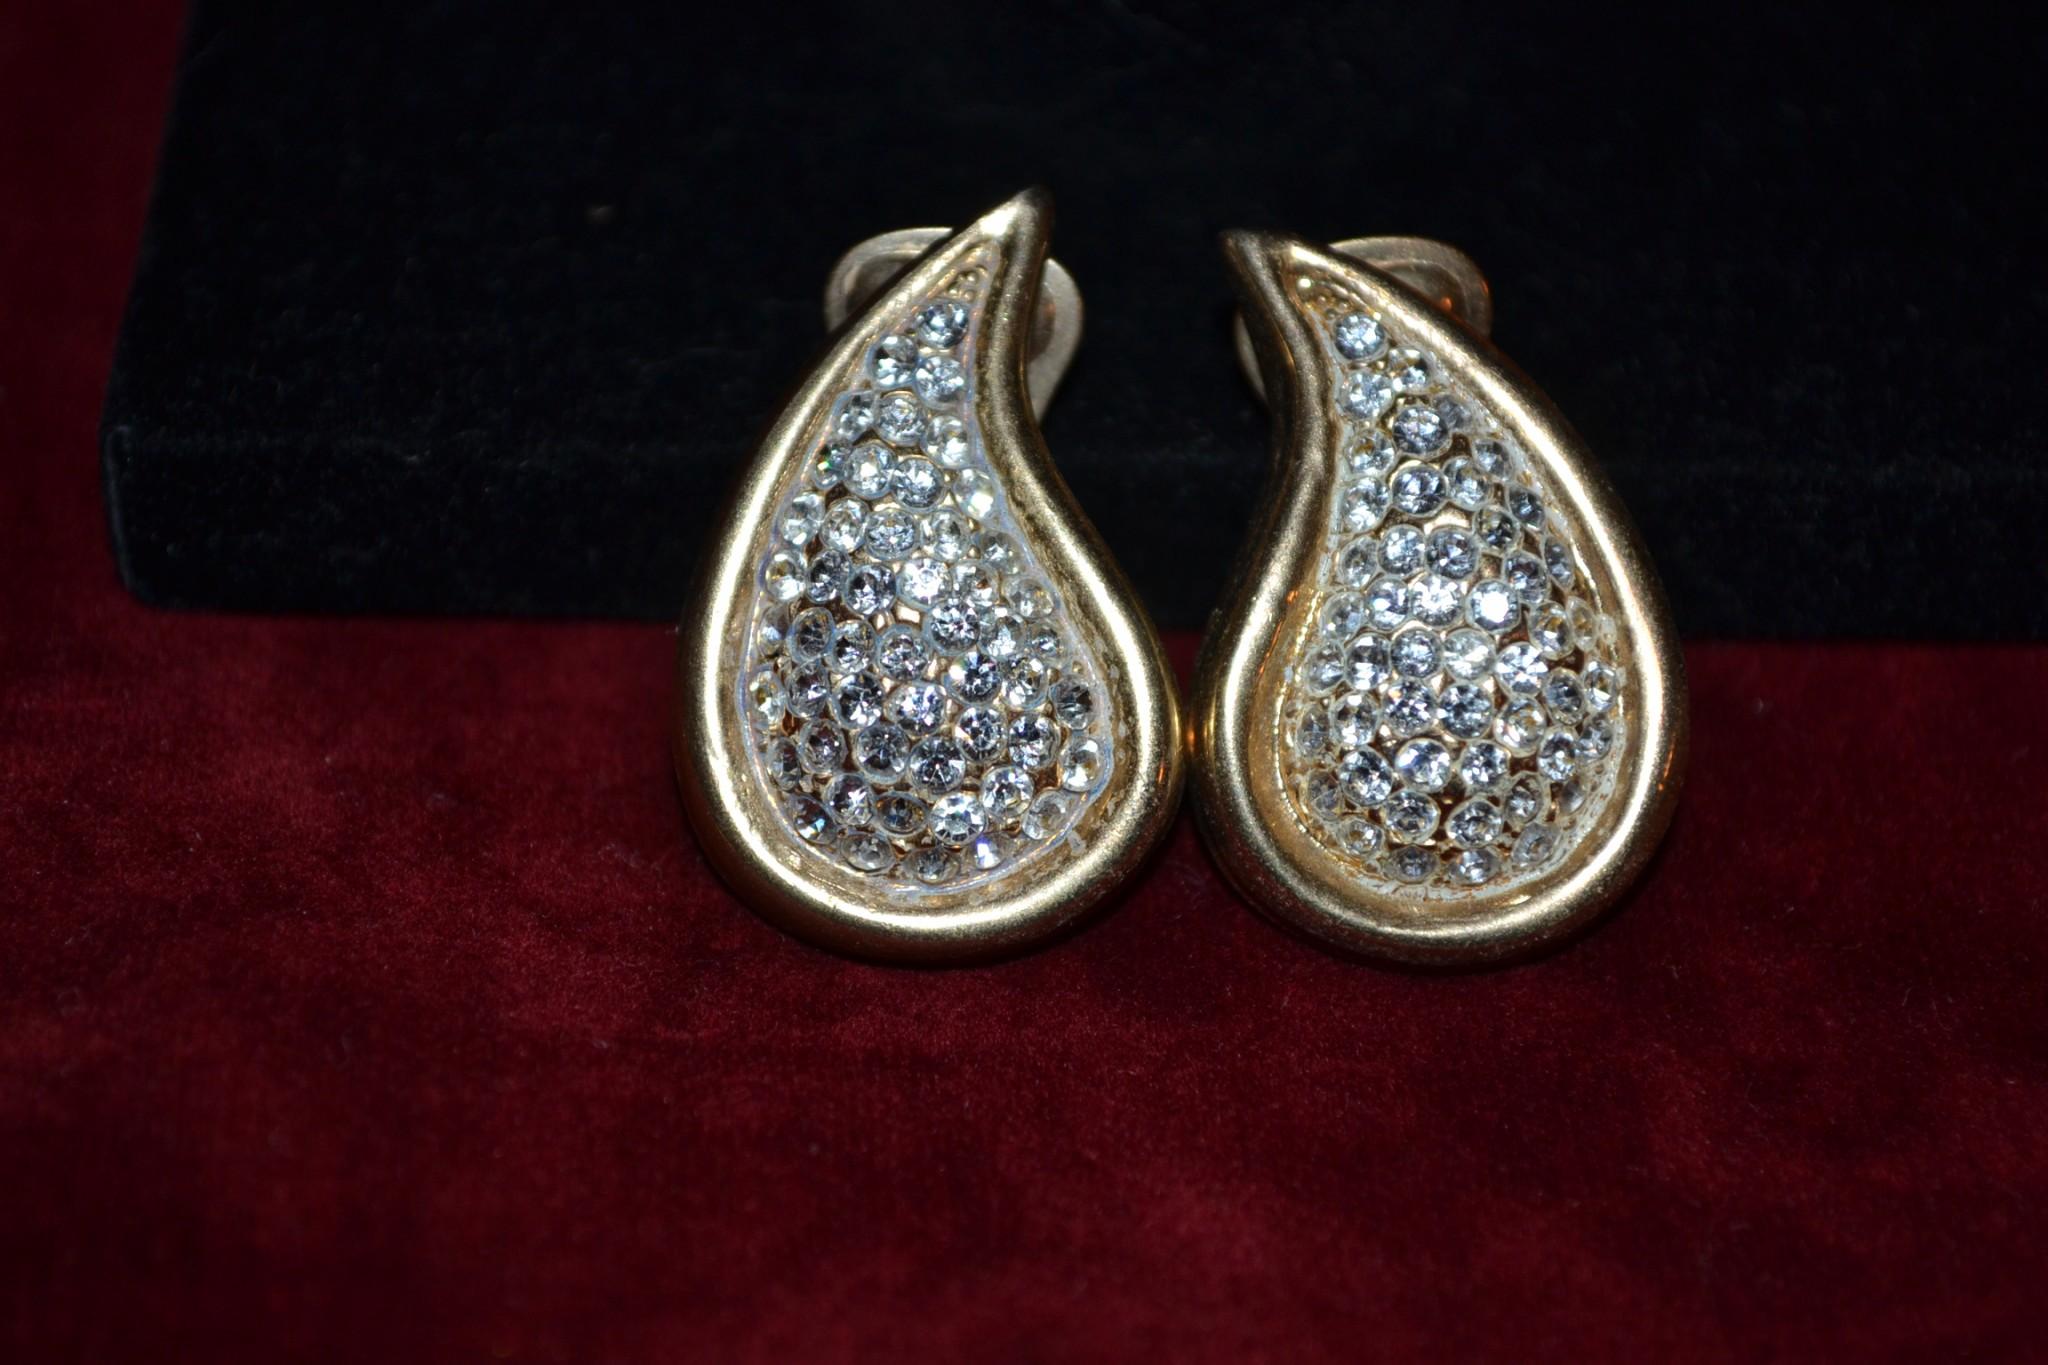 Σκουλαρίκια Bijoux Cascio σέ σχήμα δάκρυ vintage - Το μπαούλο της ... f2d9cef09ca